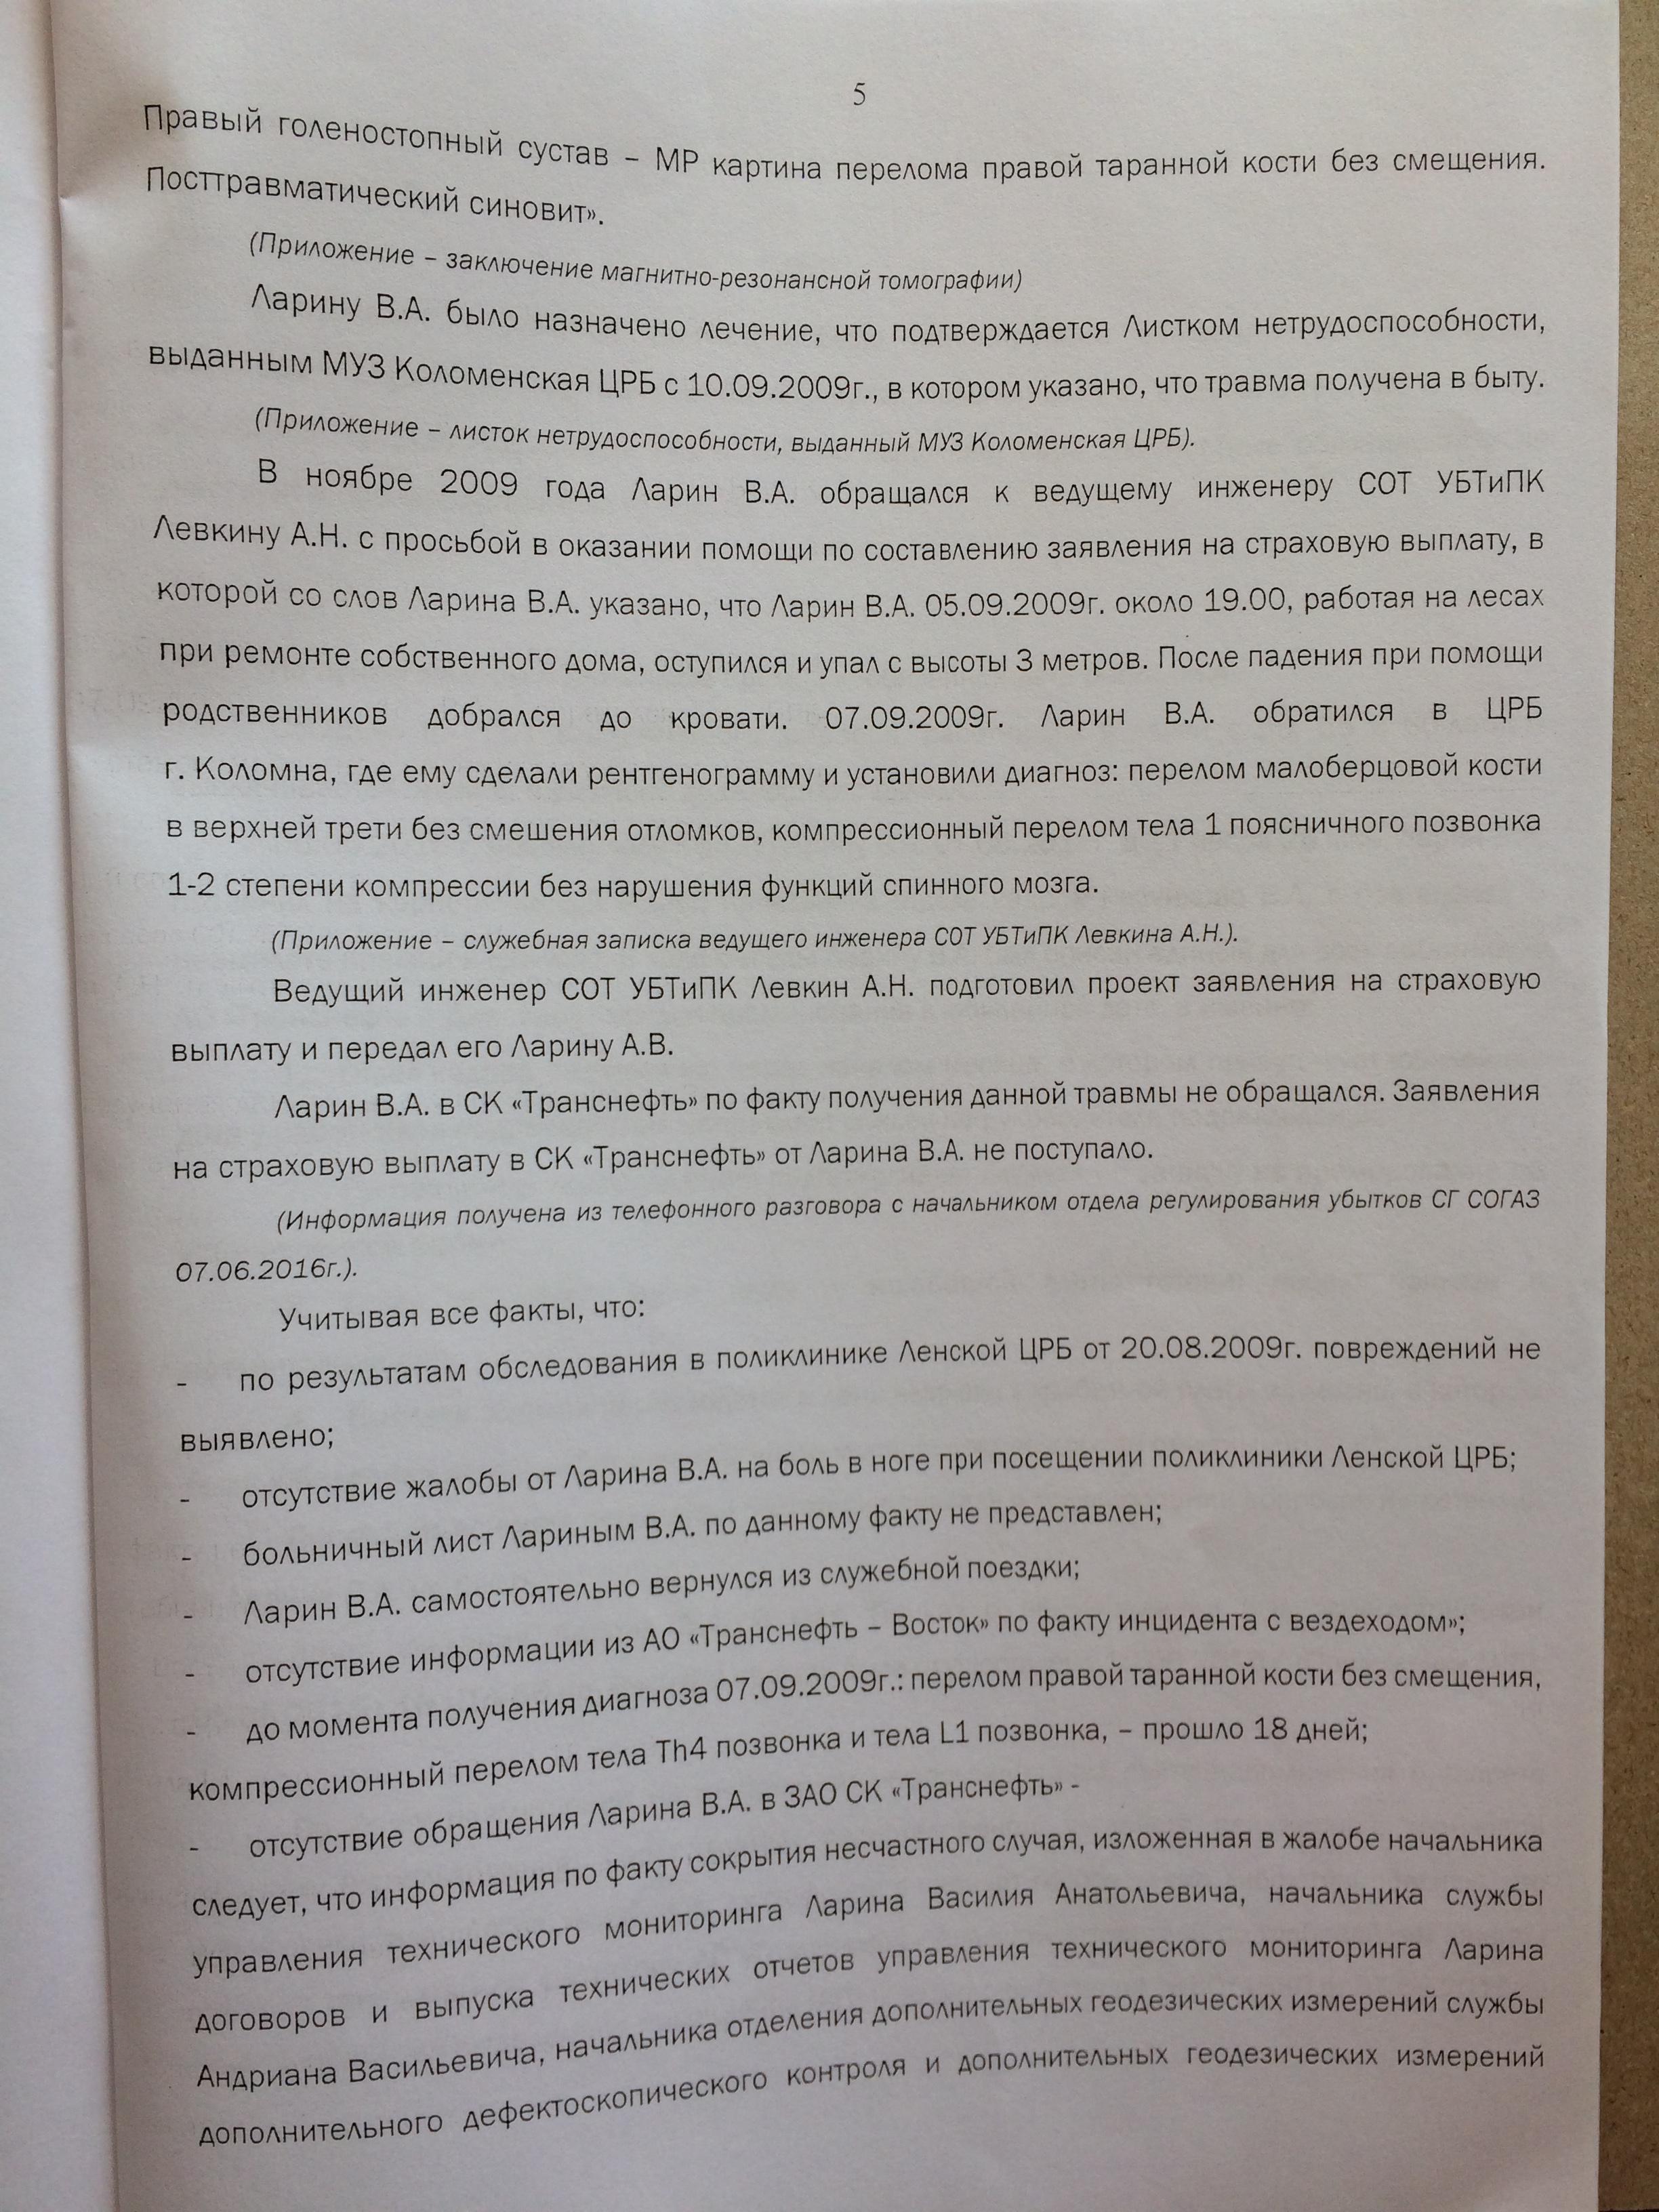 Фото документов проверки Луховицкой городской прокуратурой - 64 (5)